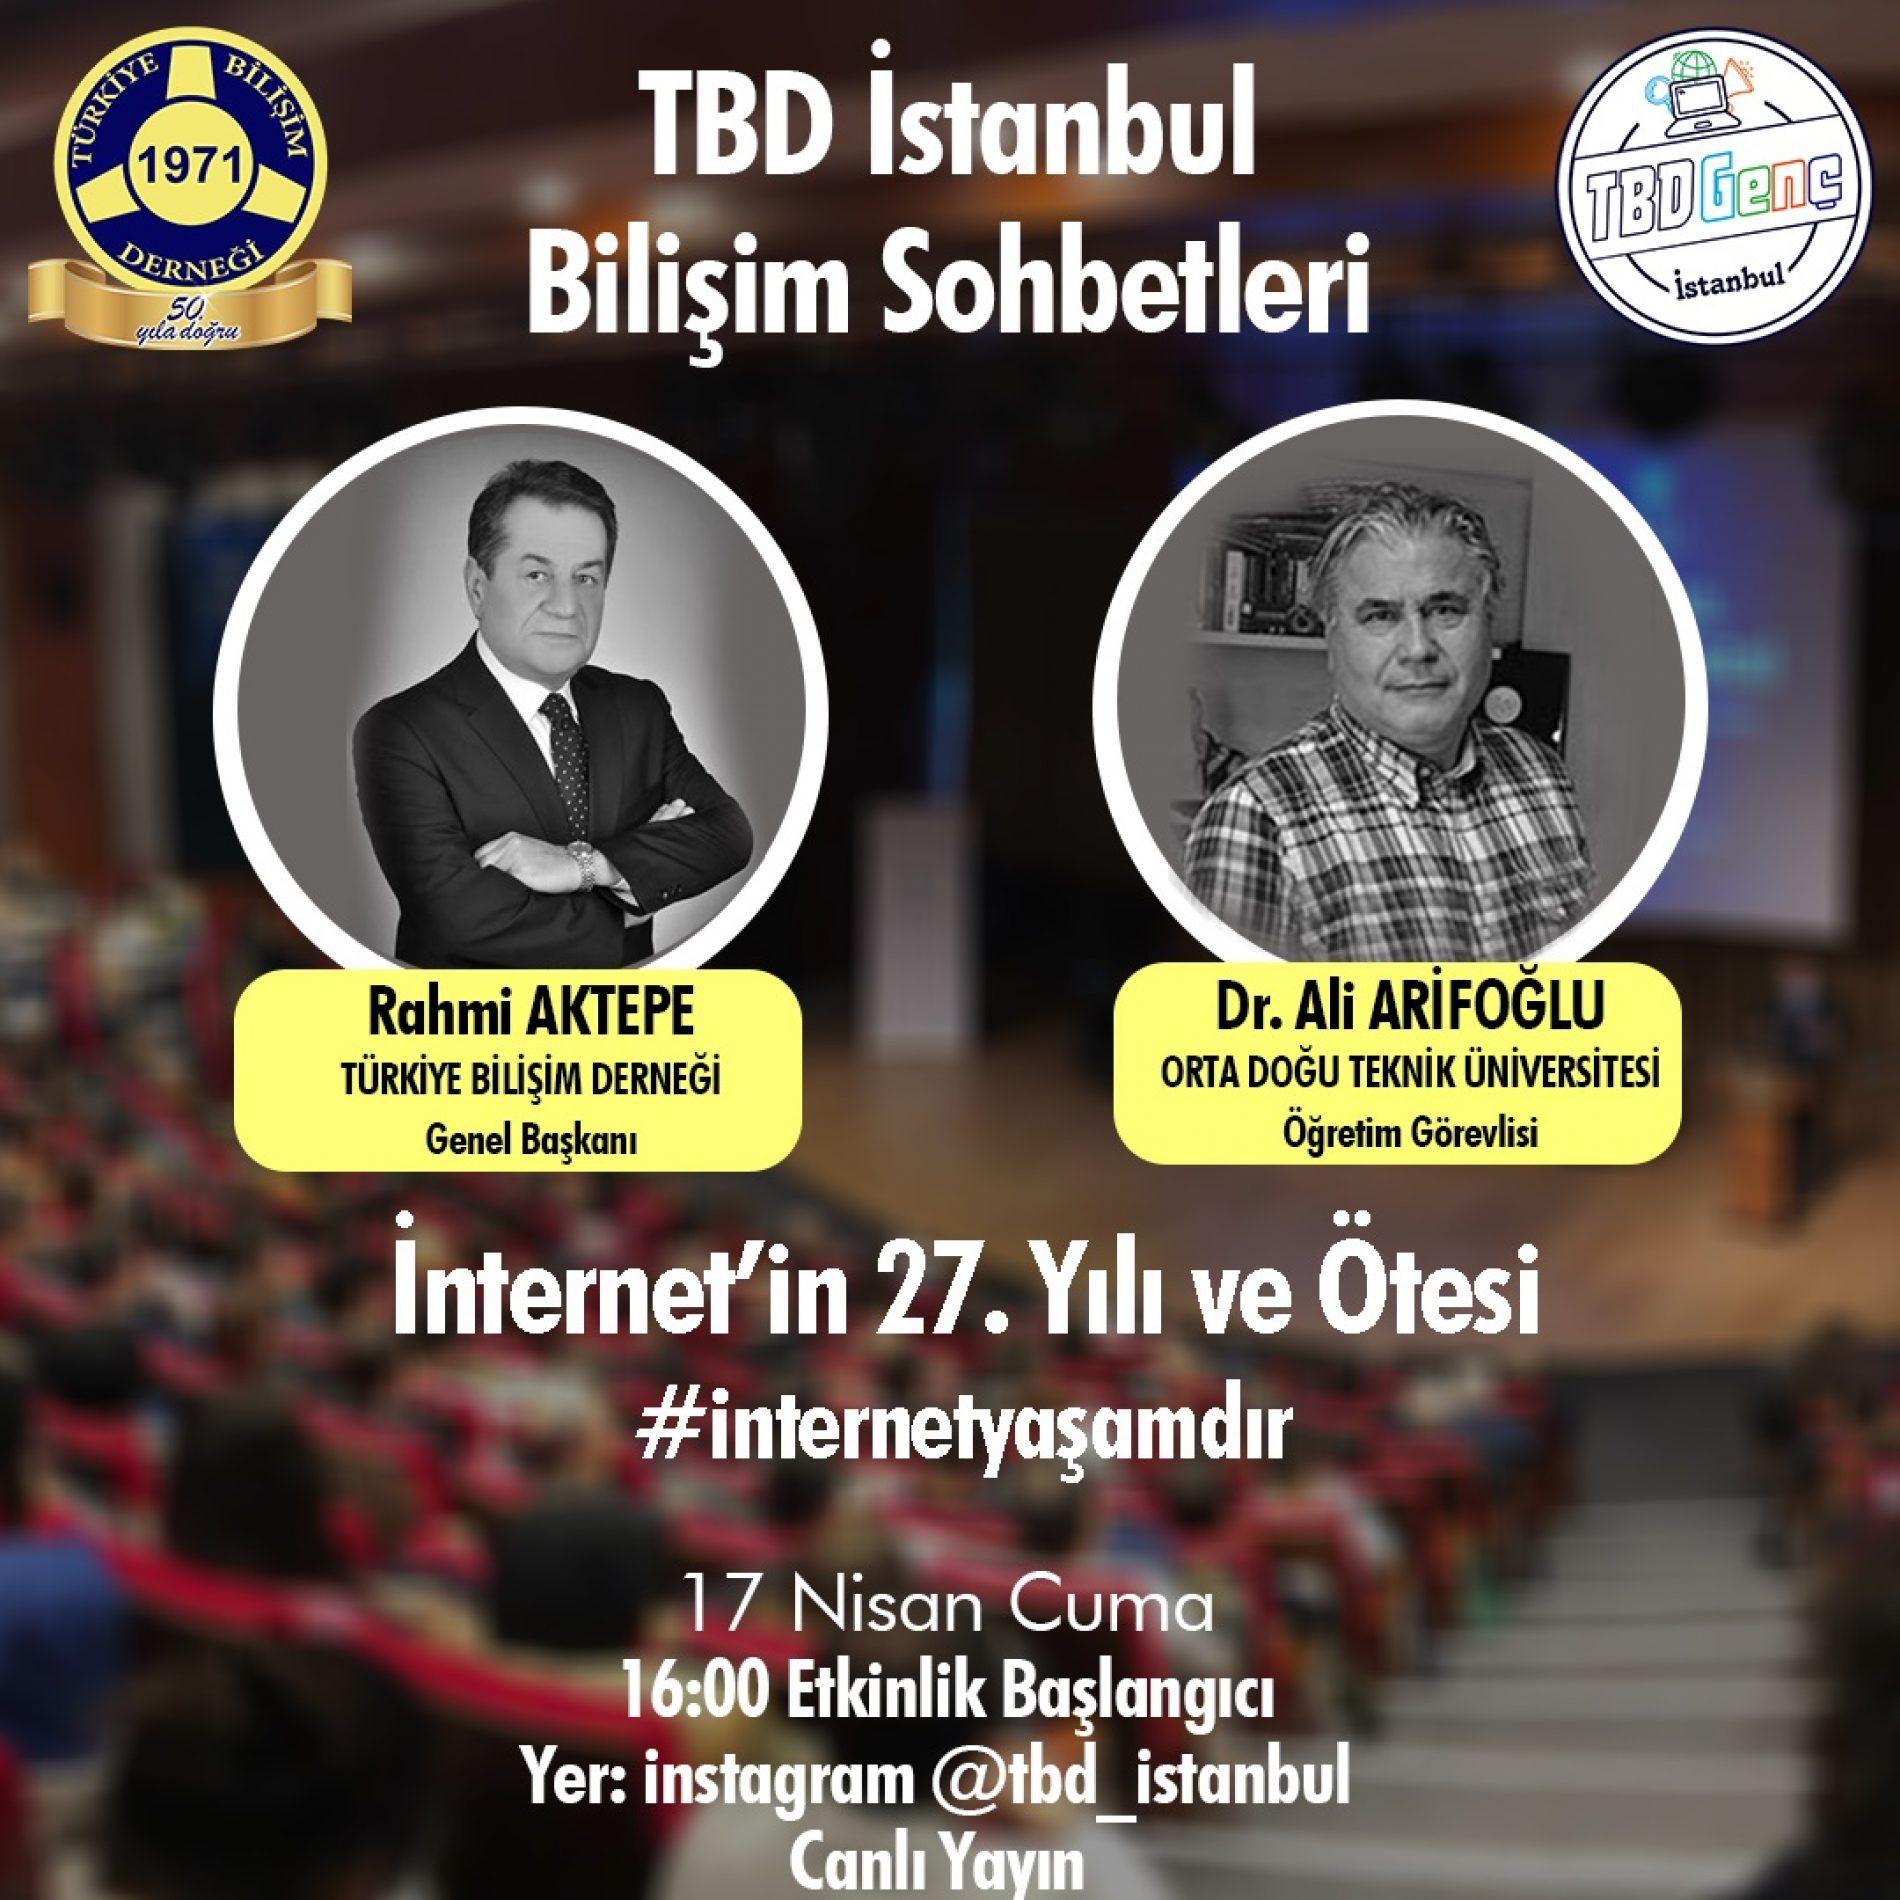 TBD İstanbul Şubesi Bilişim Sohbetleri: İnternet' in 27. Yılı ve Ötesi